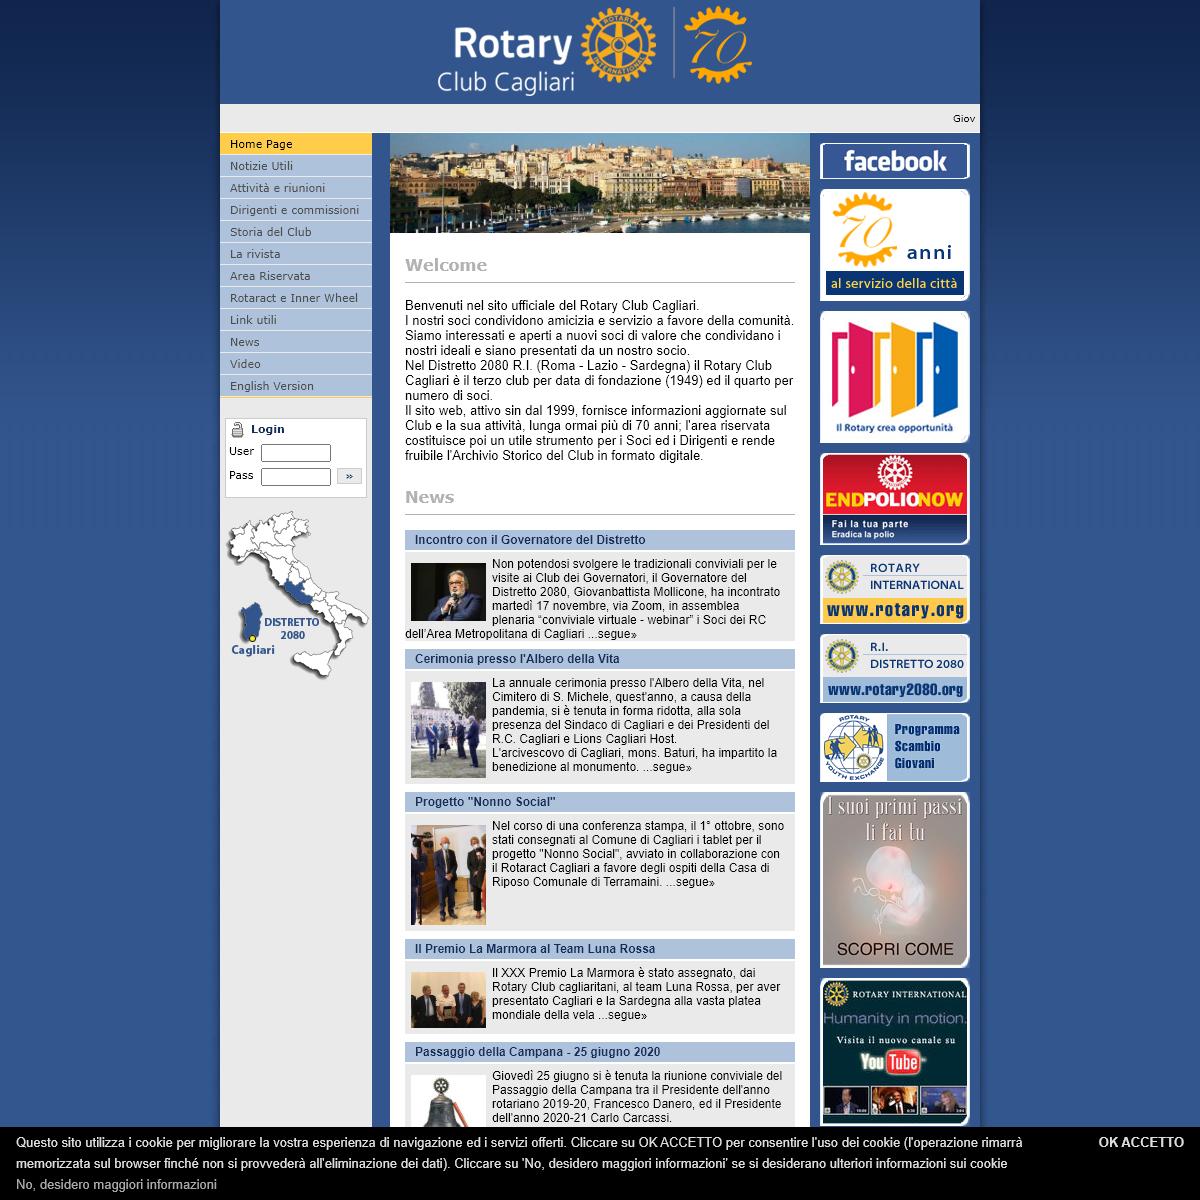 Rotary Club Cagliari - Distretto 2080 - Home Page